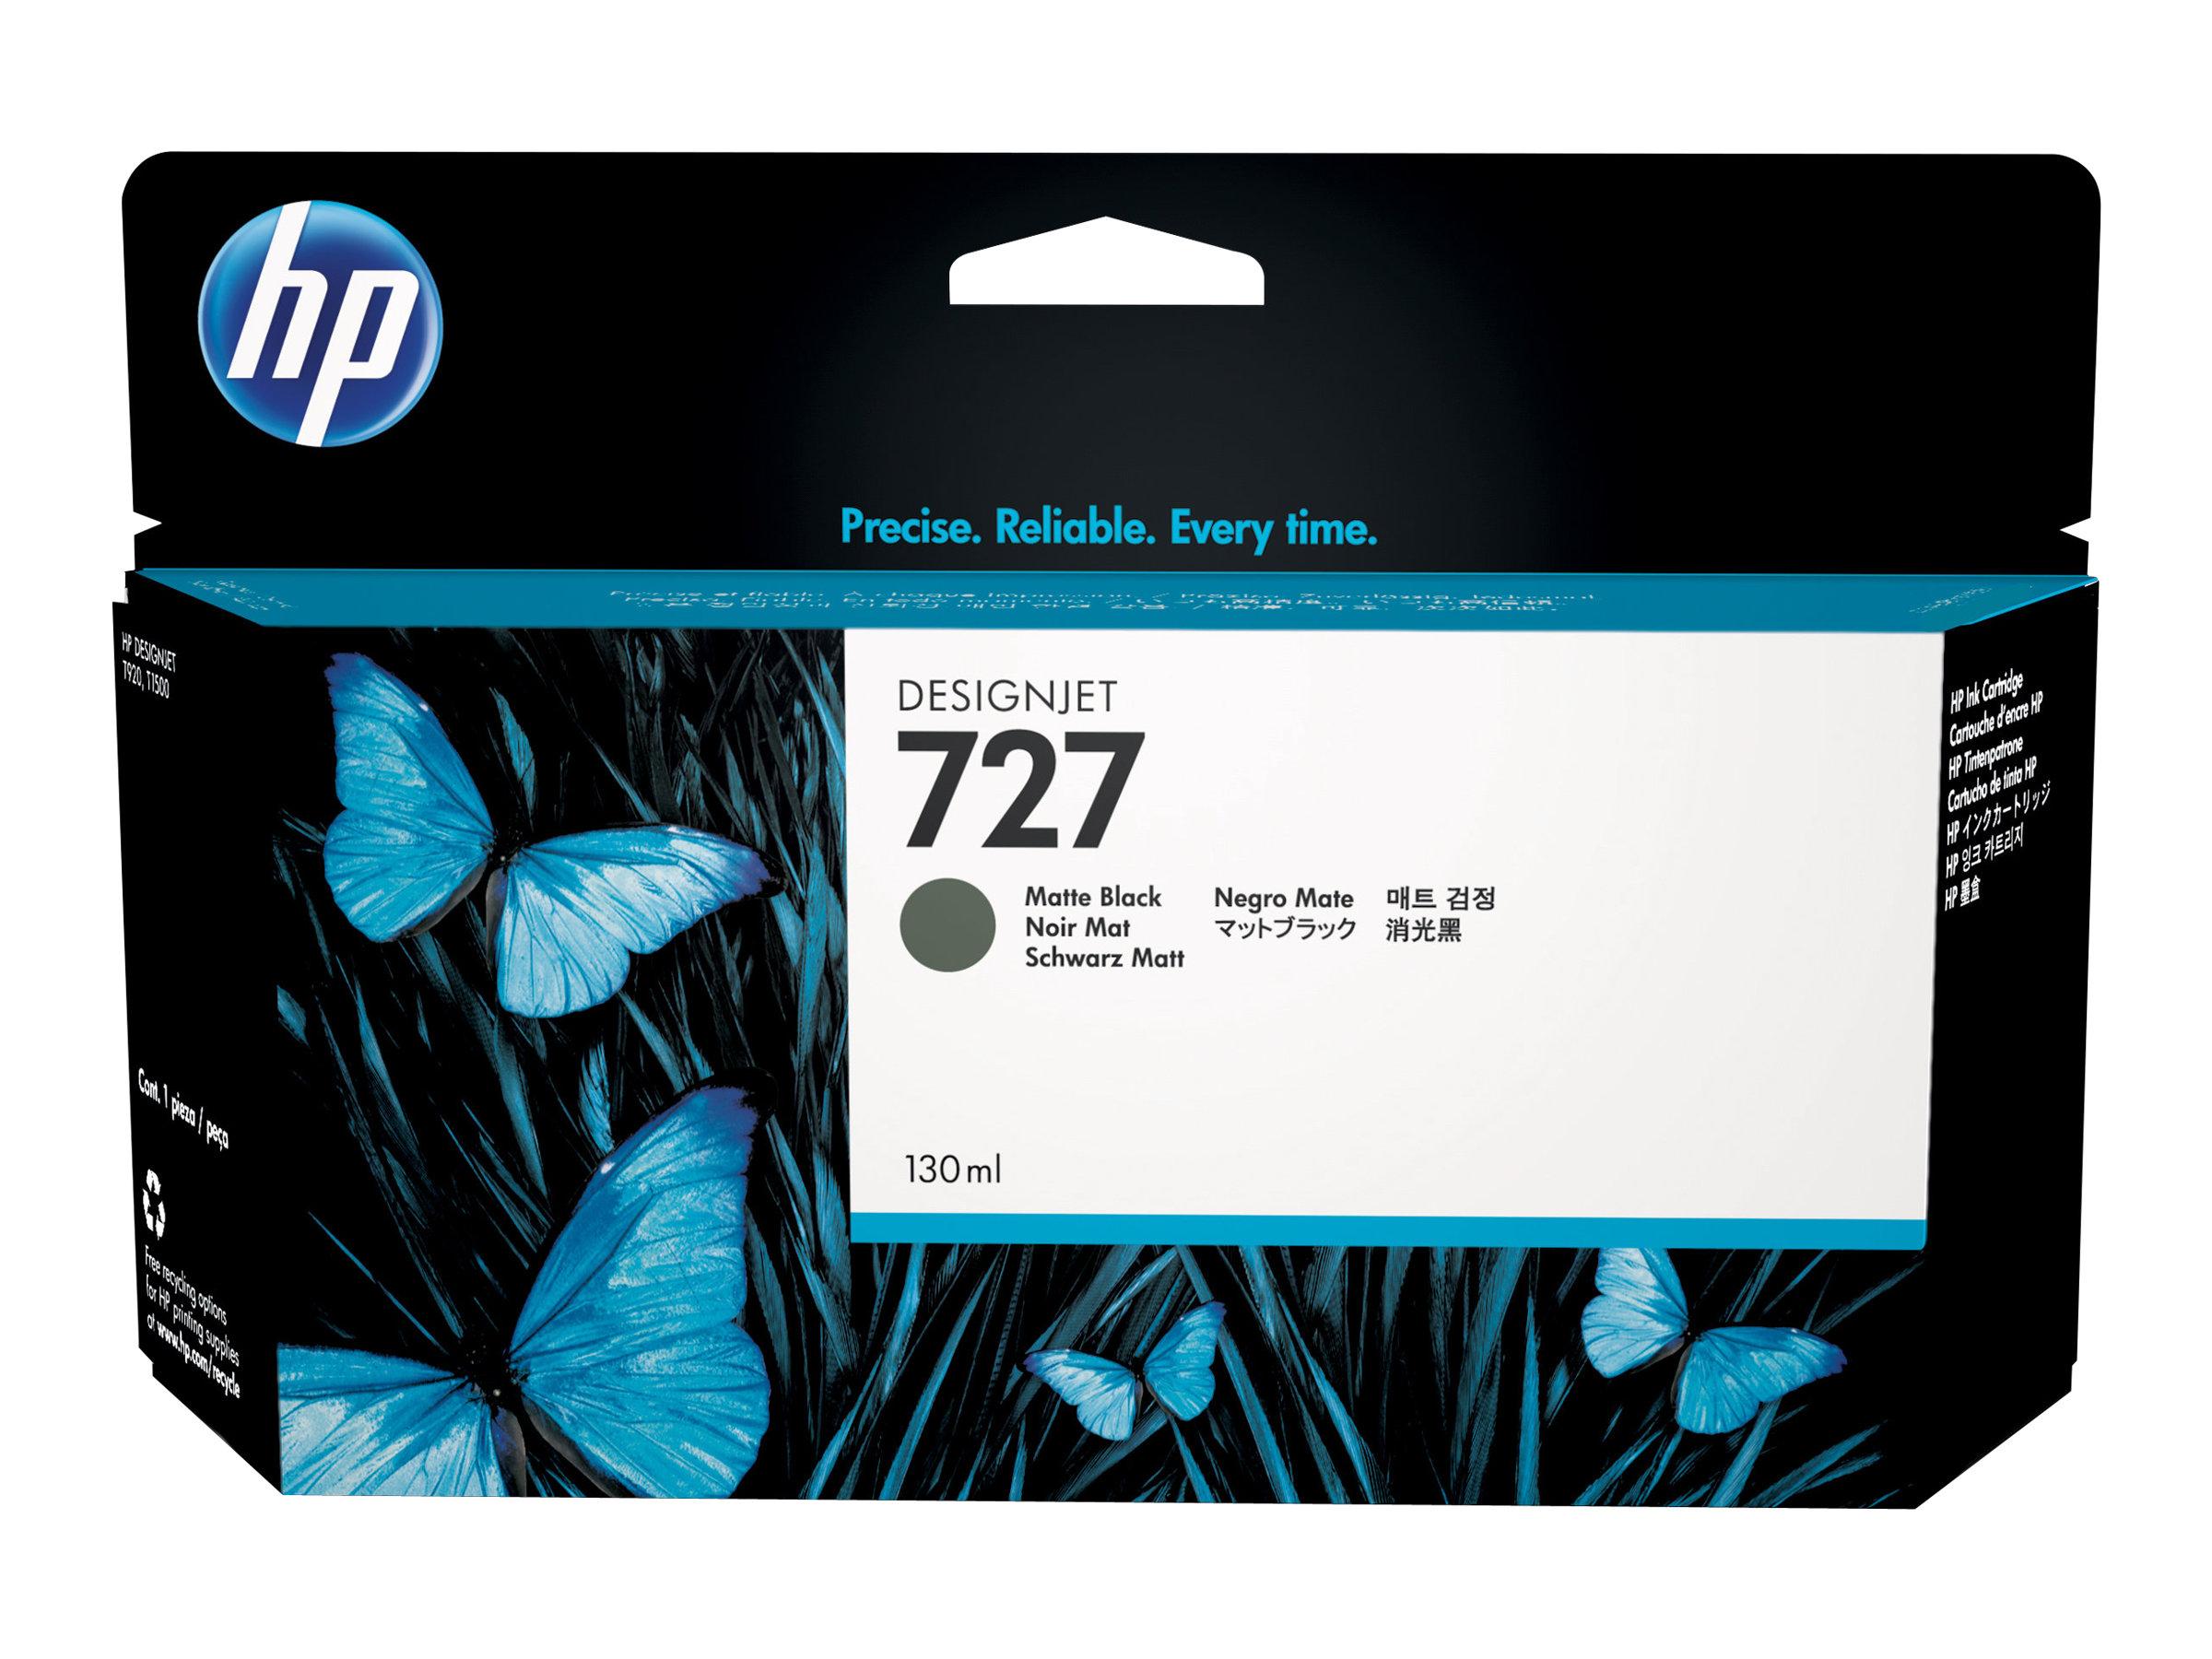 HP 727 xl - 130 ml - noir mat - originale - cartouche d'encre